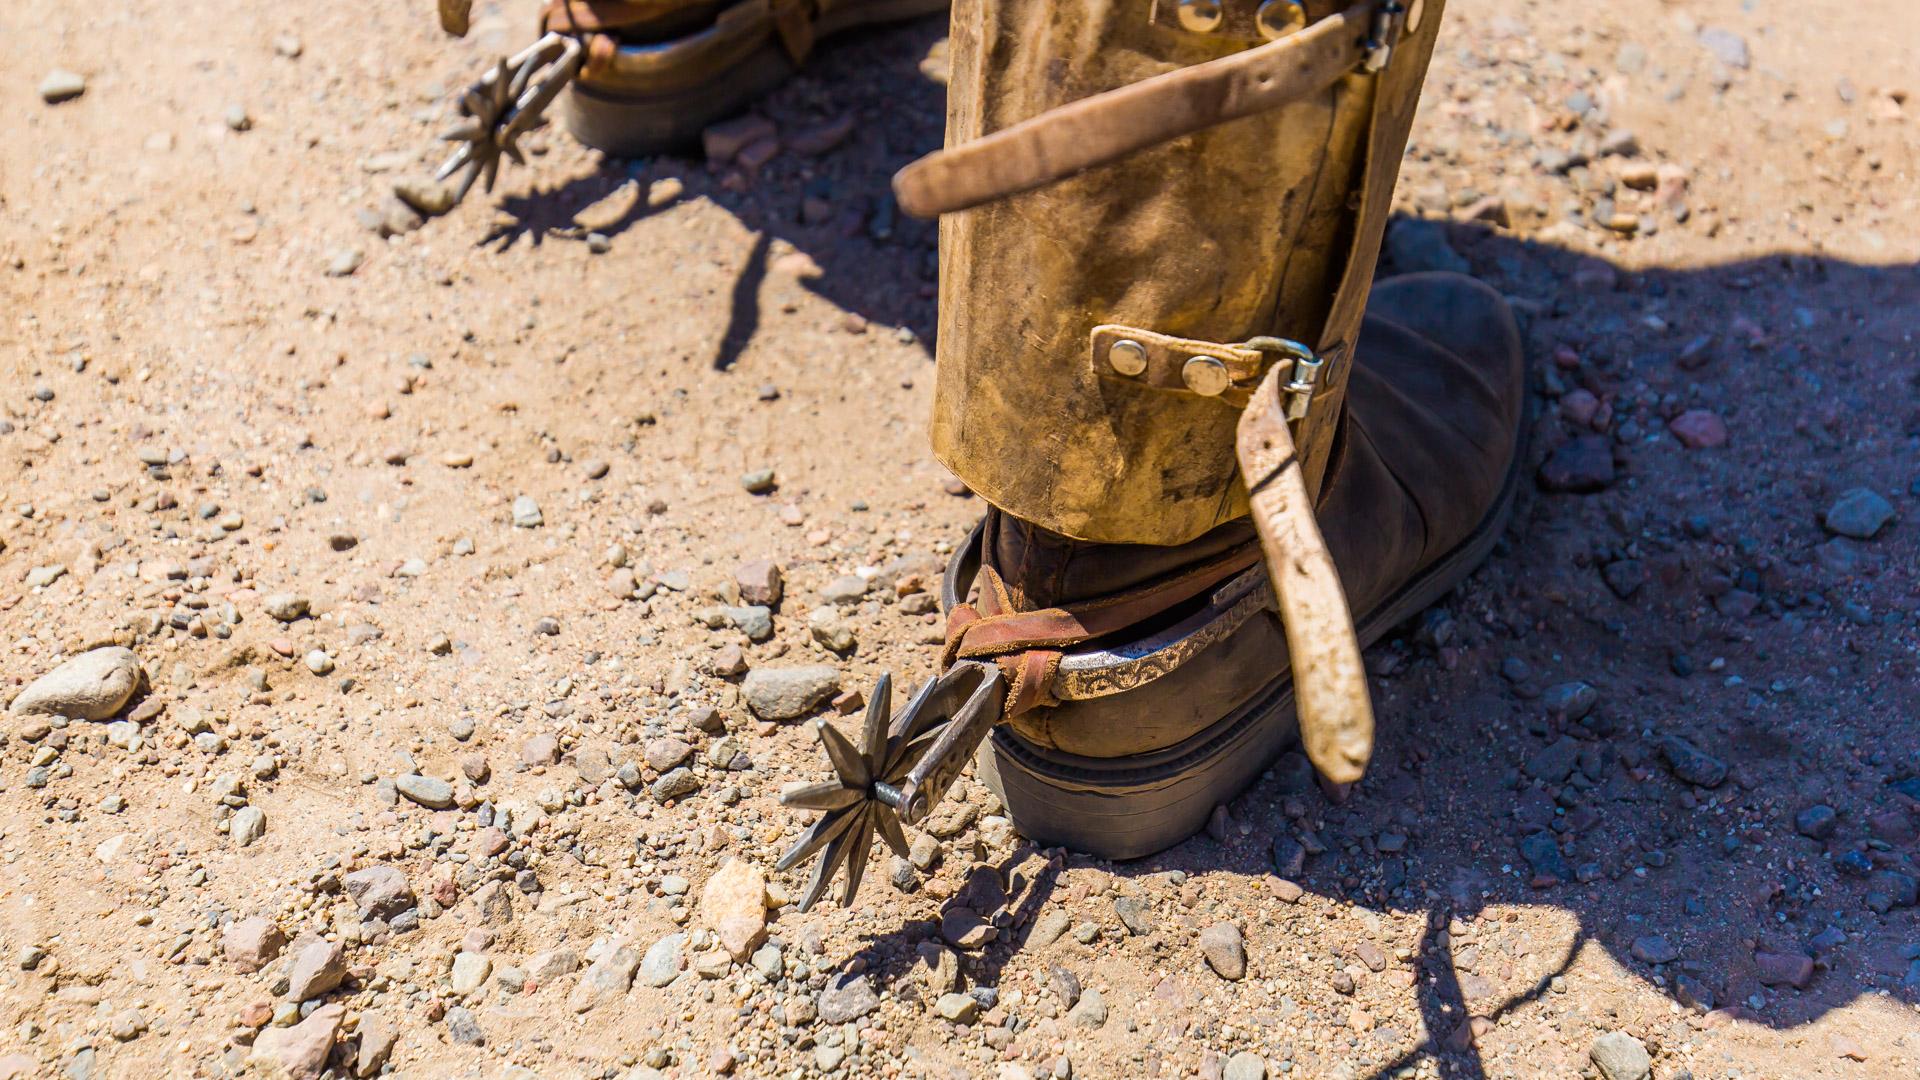 Ostrogi naszych gauchos, nie mylić z ostrygami! Cruce de los Andes